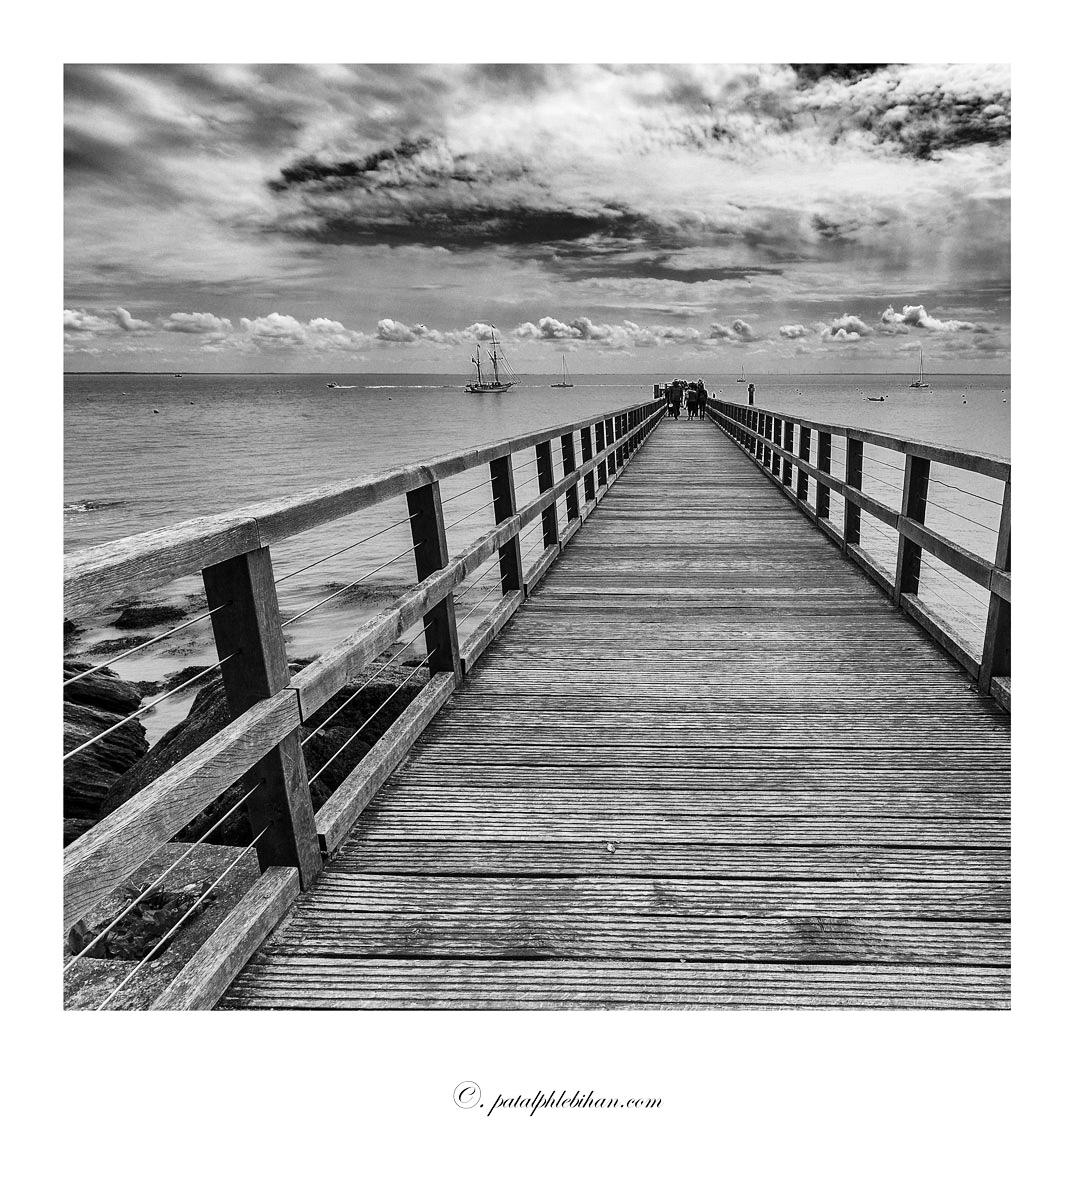 Noirmout_0269-b-cnbpola-w